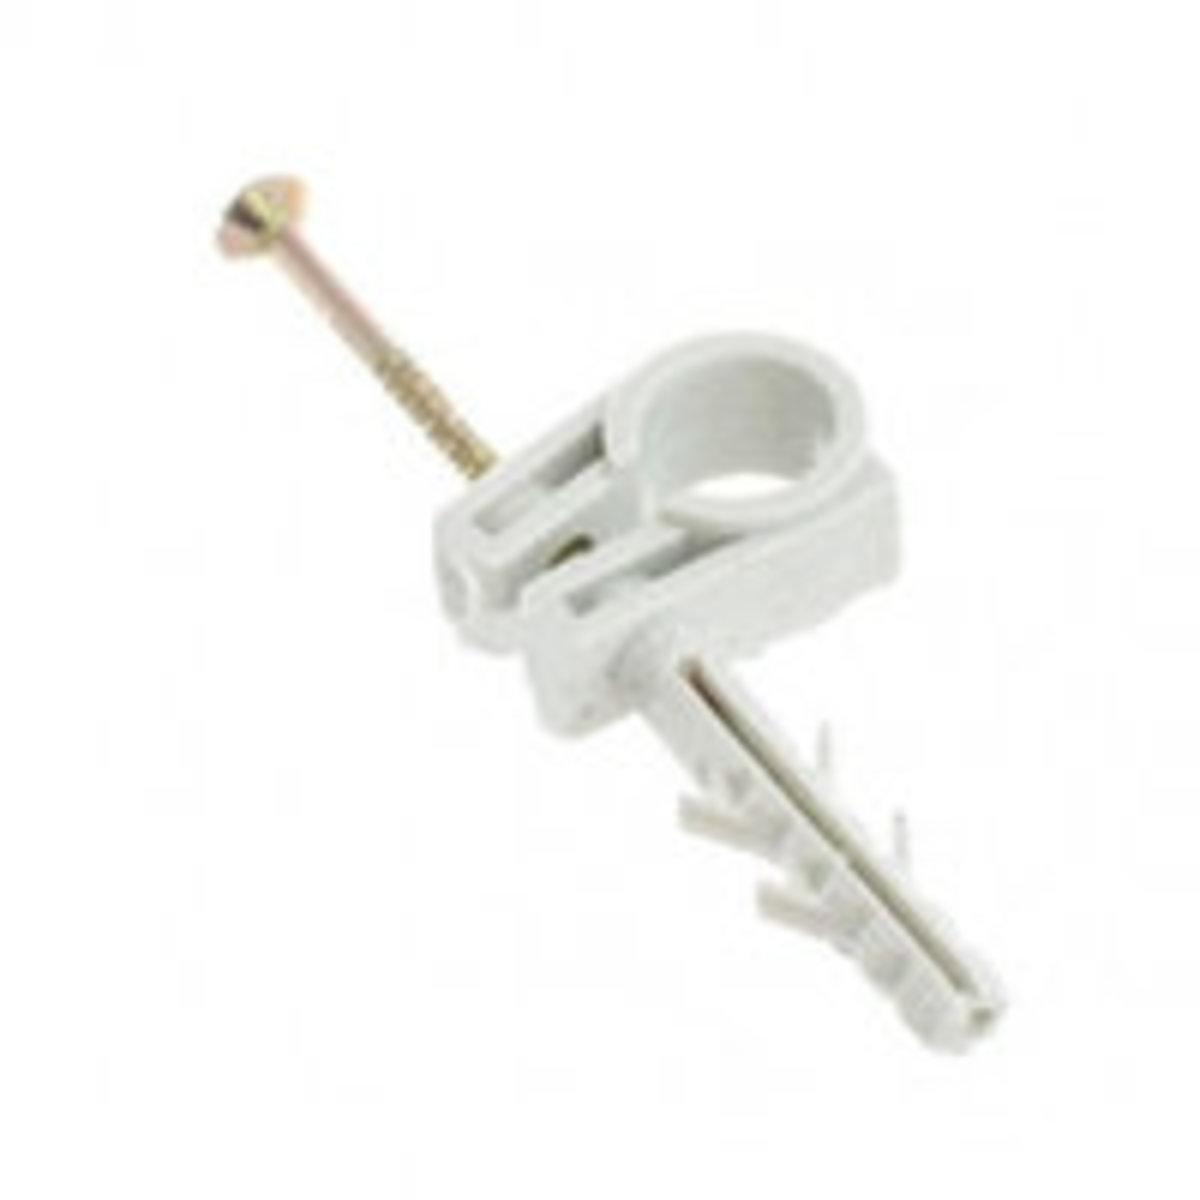 Обойма Lectris для труб і кабелю Ø32-34мм з ударним шурупом, 25шт